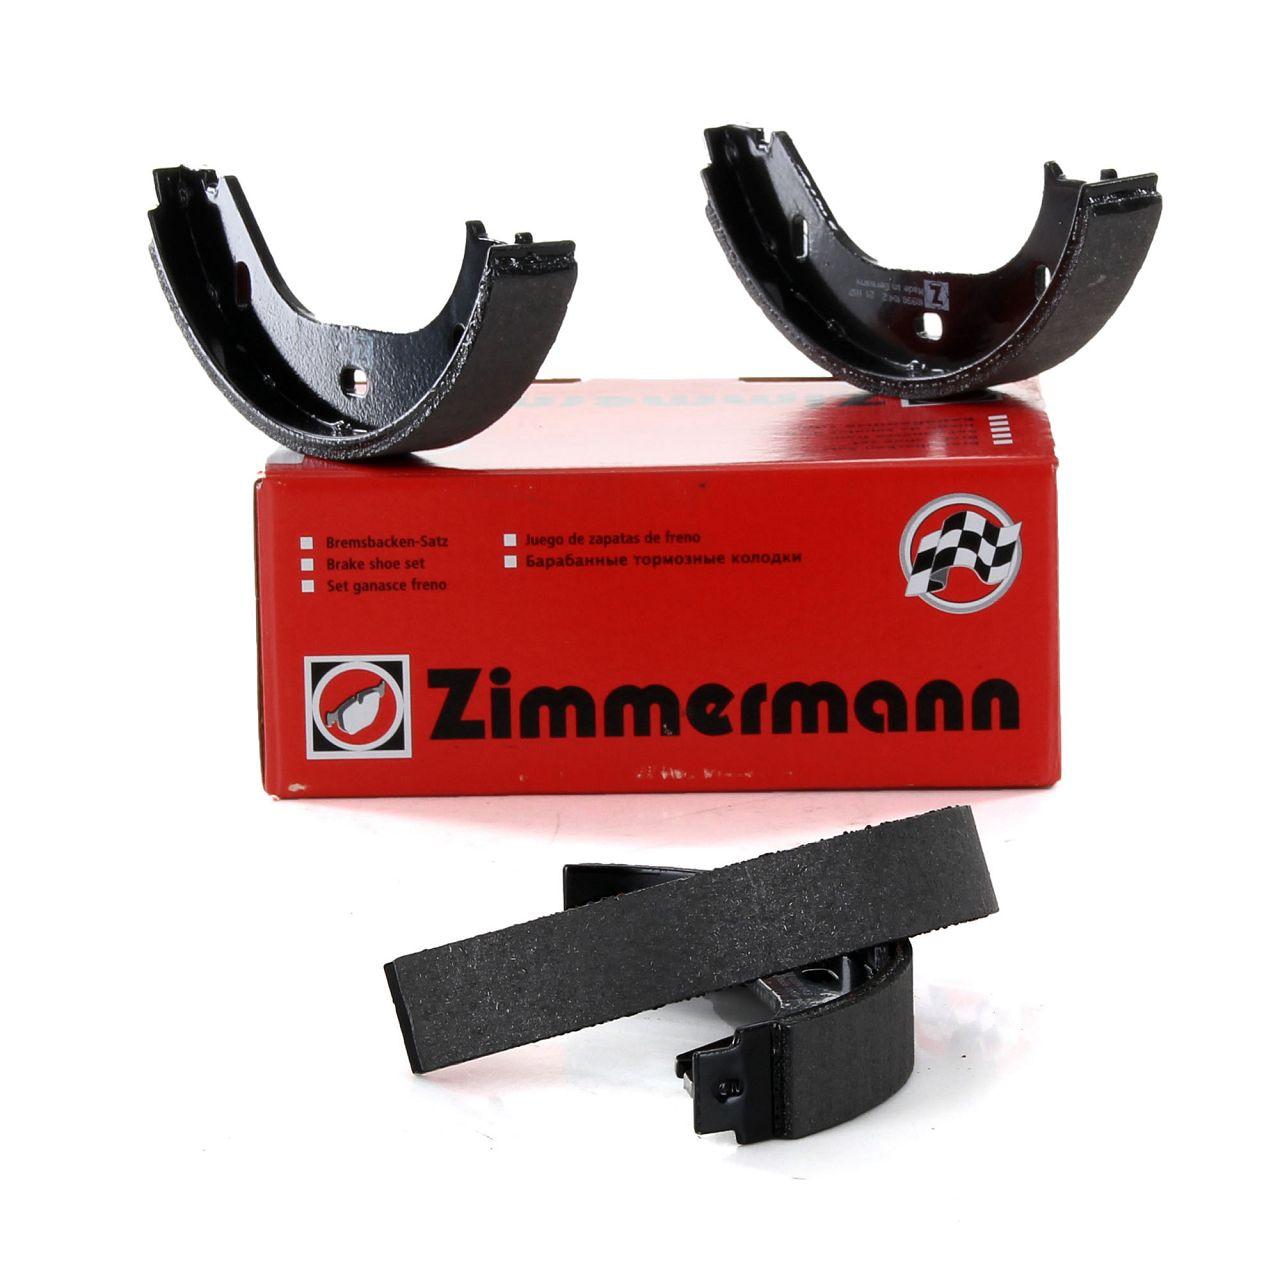 ZIMMERMANN Bremsbacken Satz ALFA ROMEO Giulietta Alfetta 116 BMW E21 E30 E12 E24 E23 2000